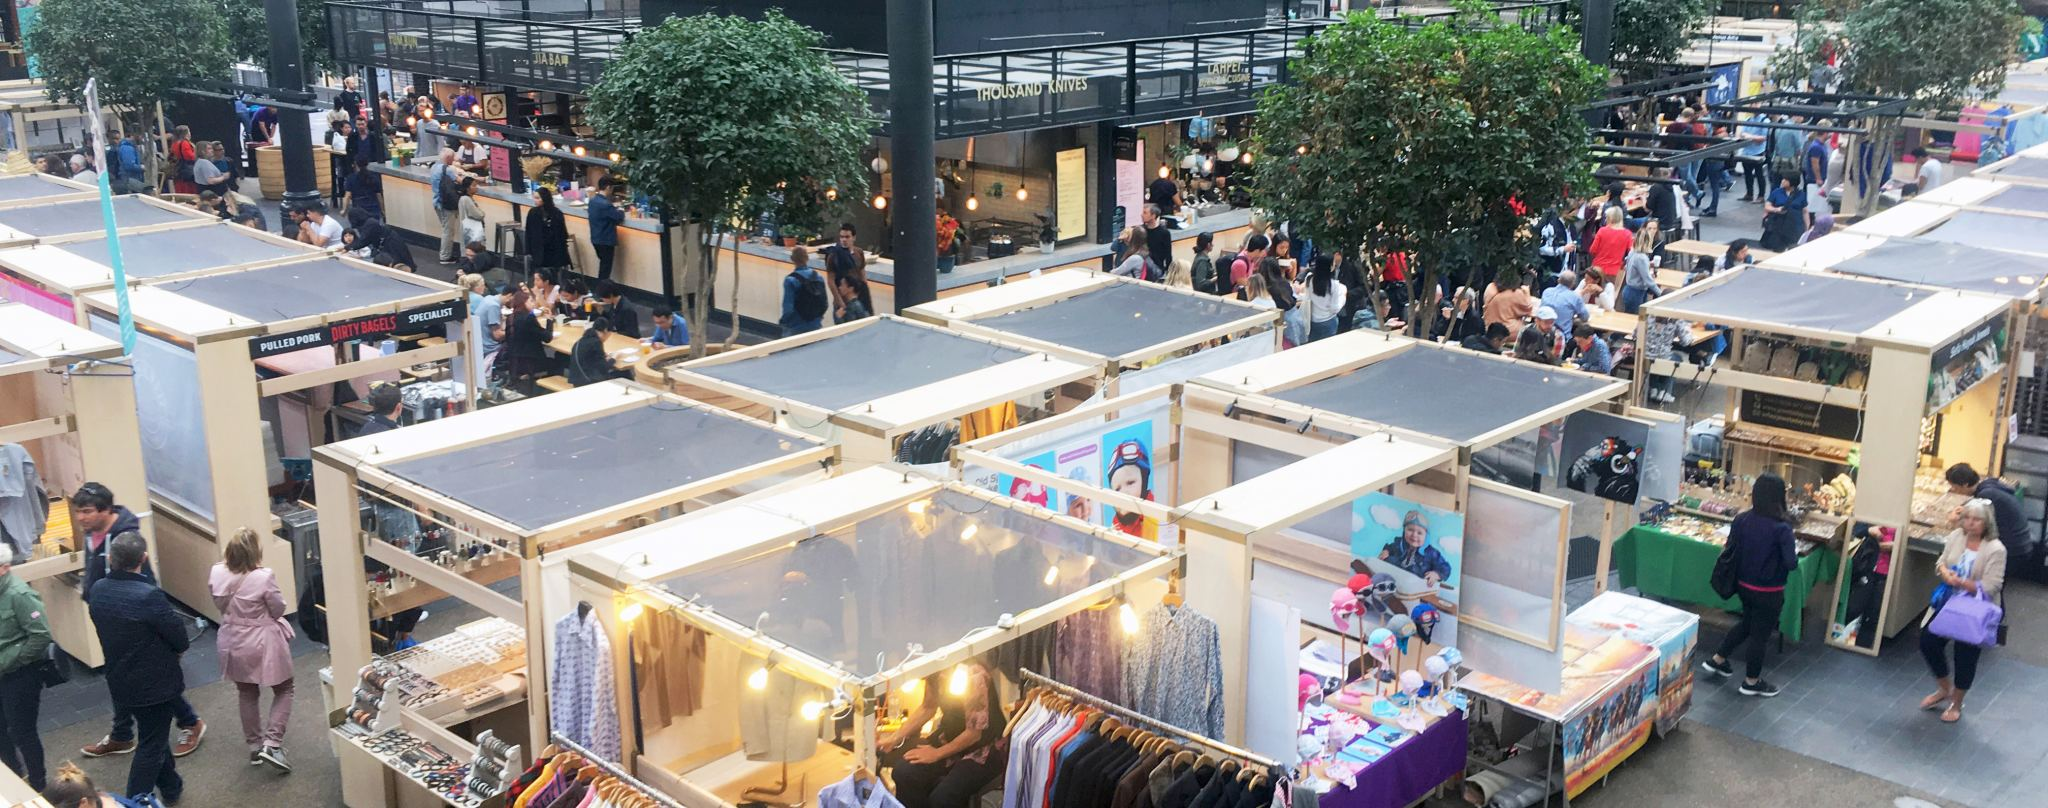 Pop up weekend markets at Spitalfields